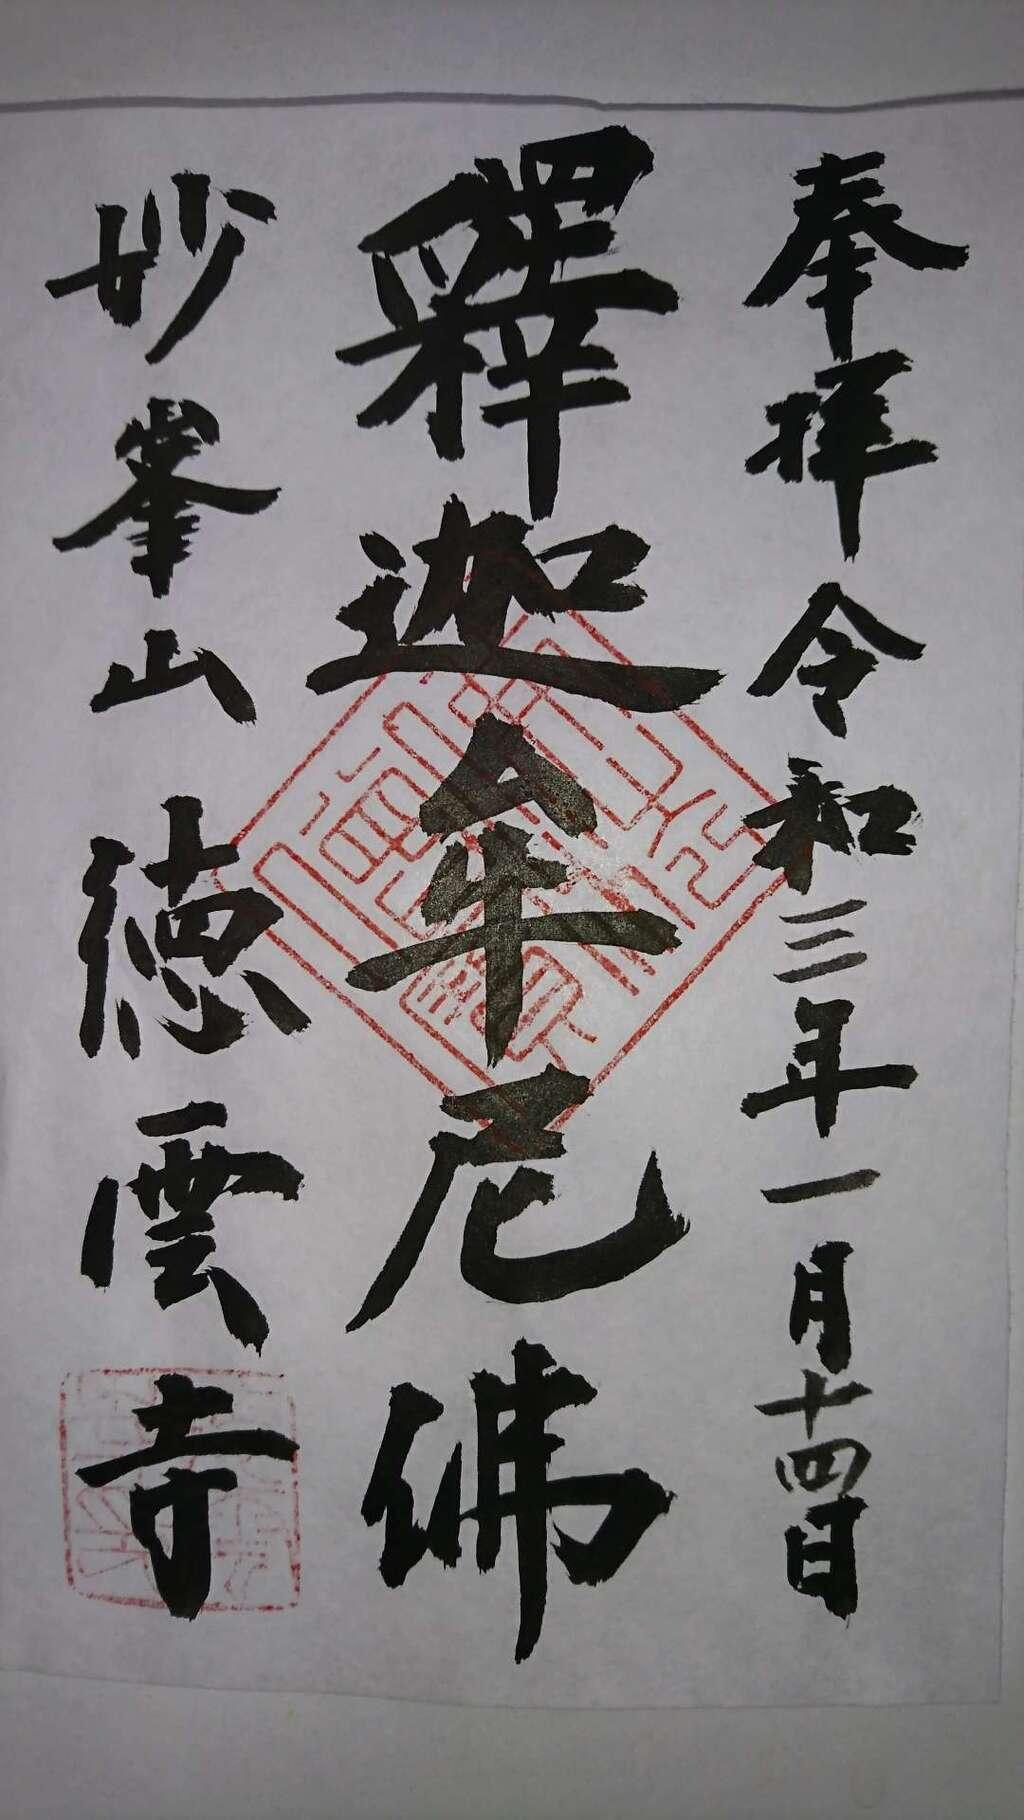 徳雲寺の御朱印